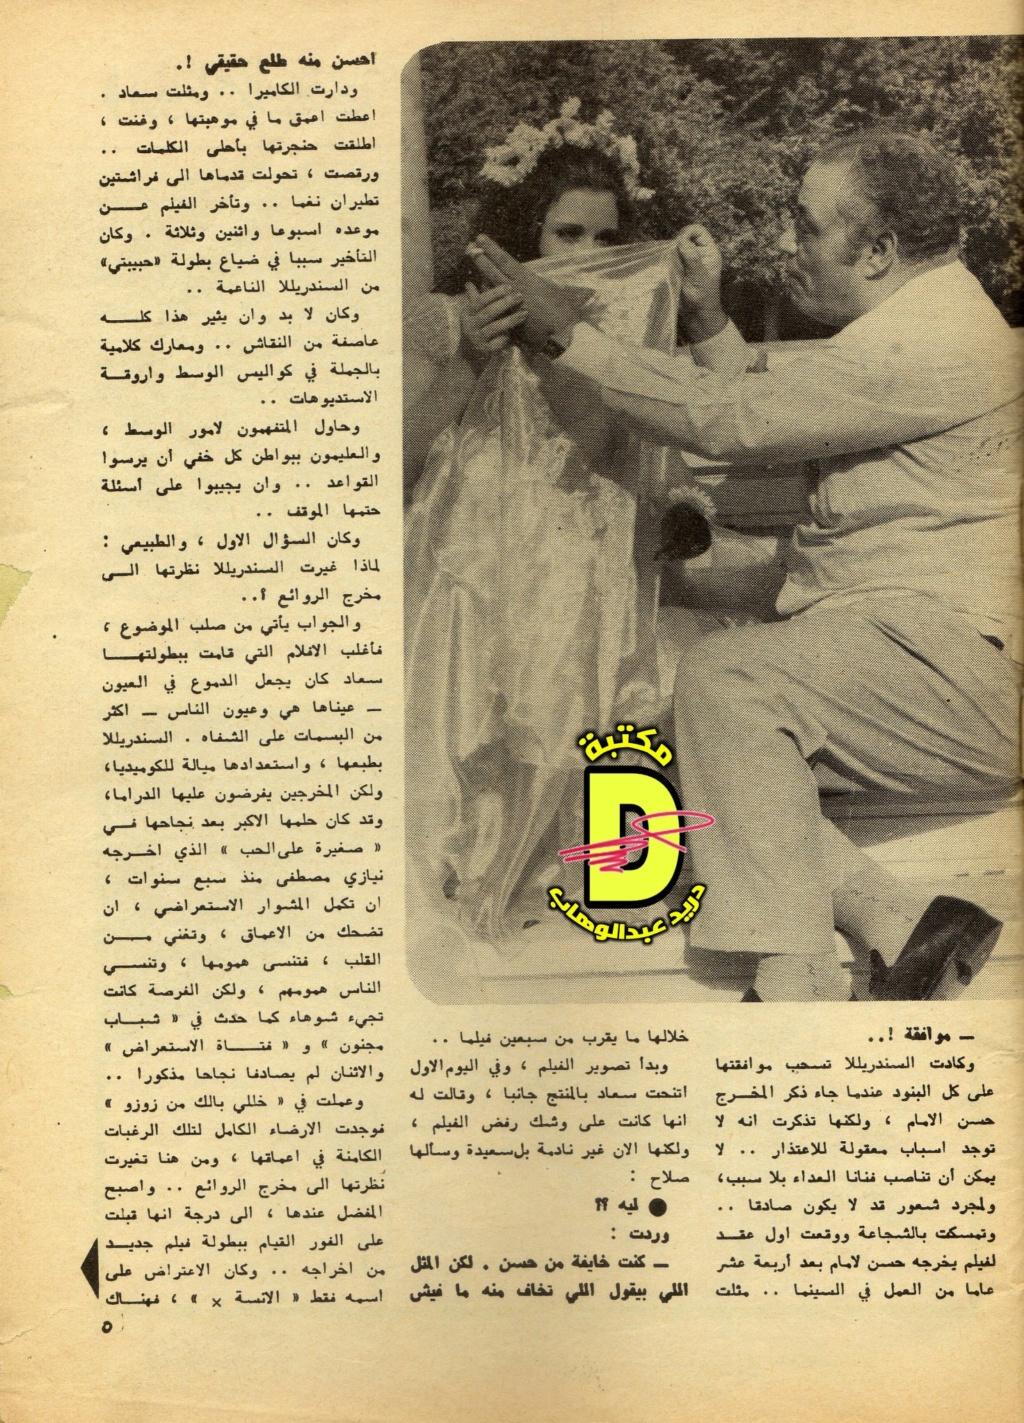 مقال صحفي : معركة كلامية وراء الكواليس .. حول سعاد حسني 1972 م 327